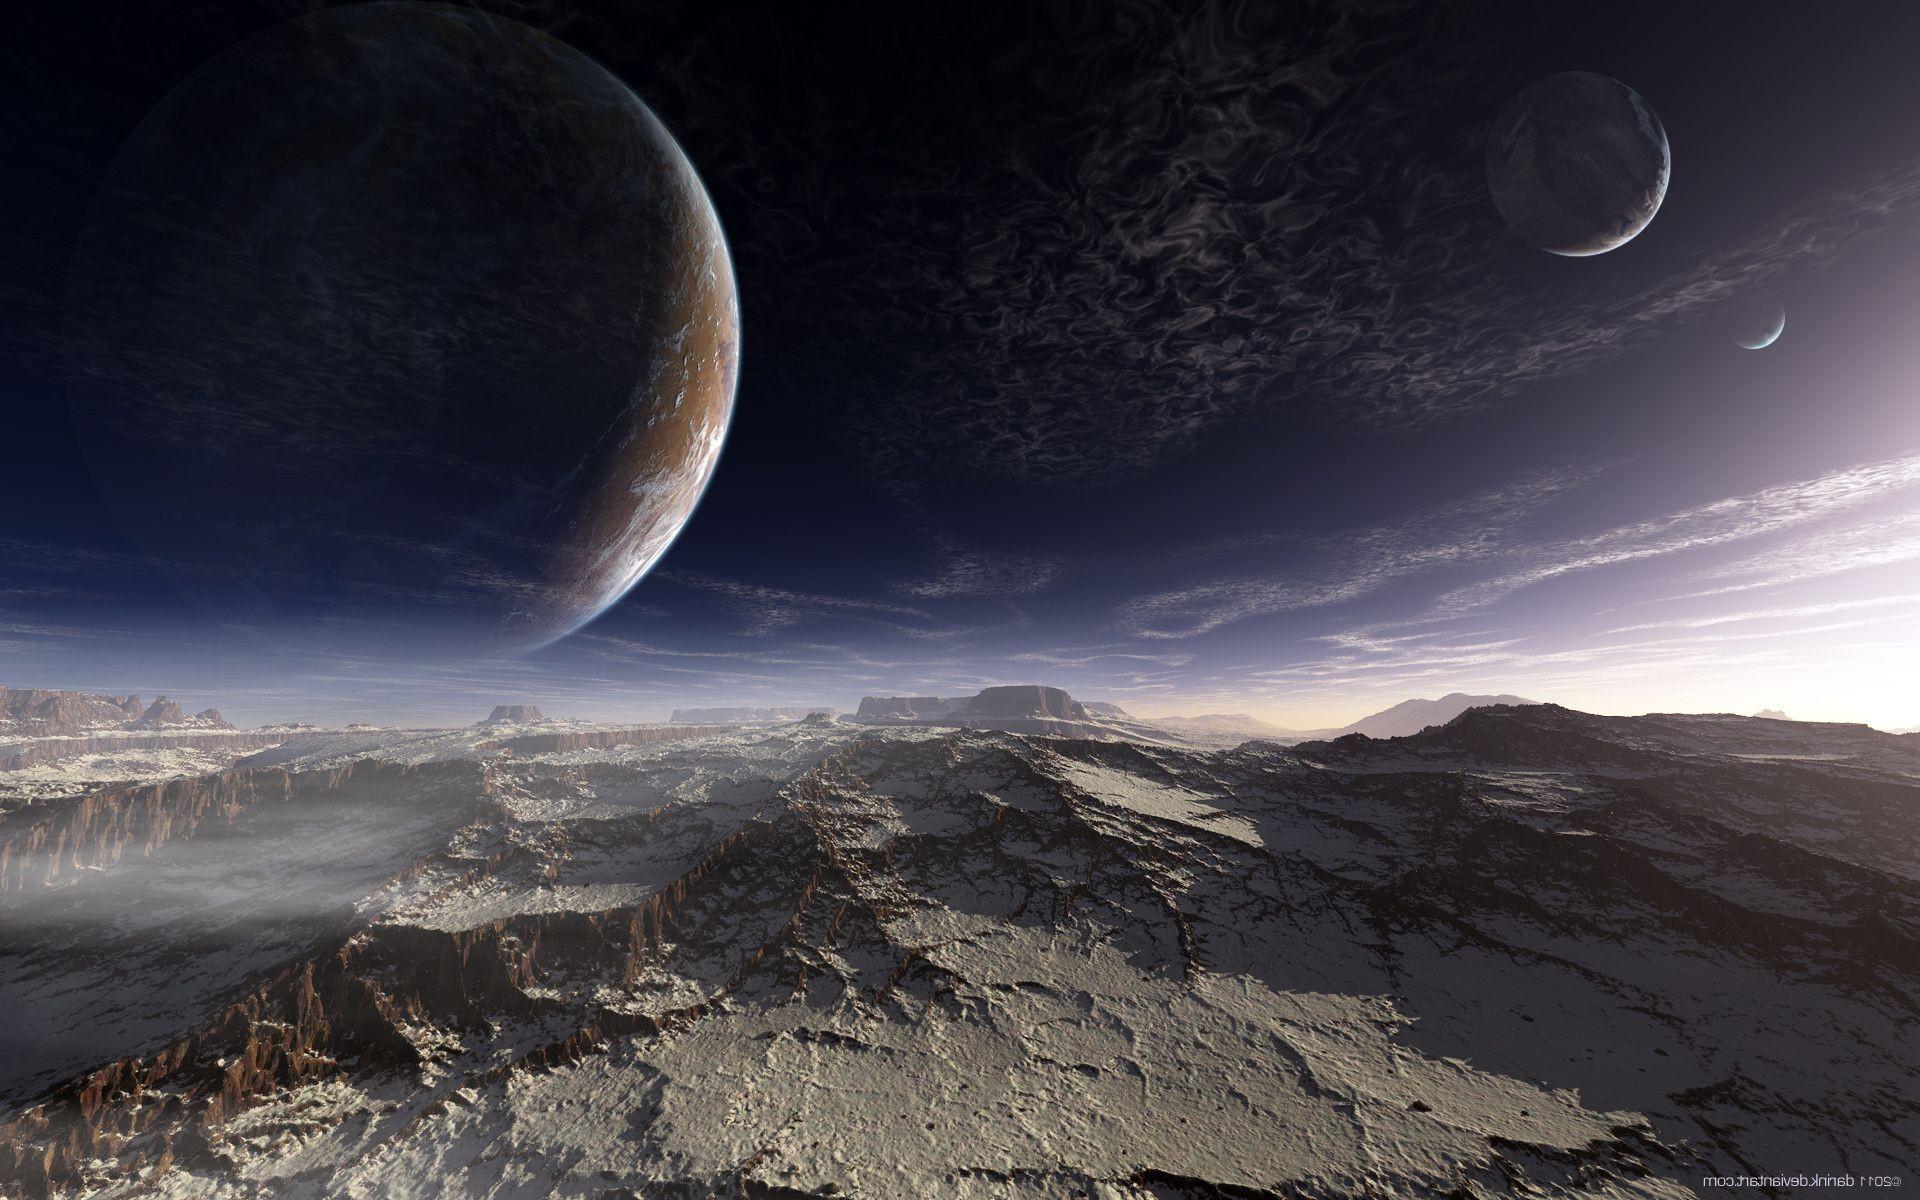 alien landscapes wallpaper - HD1366×768